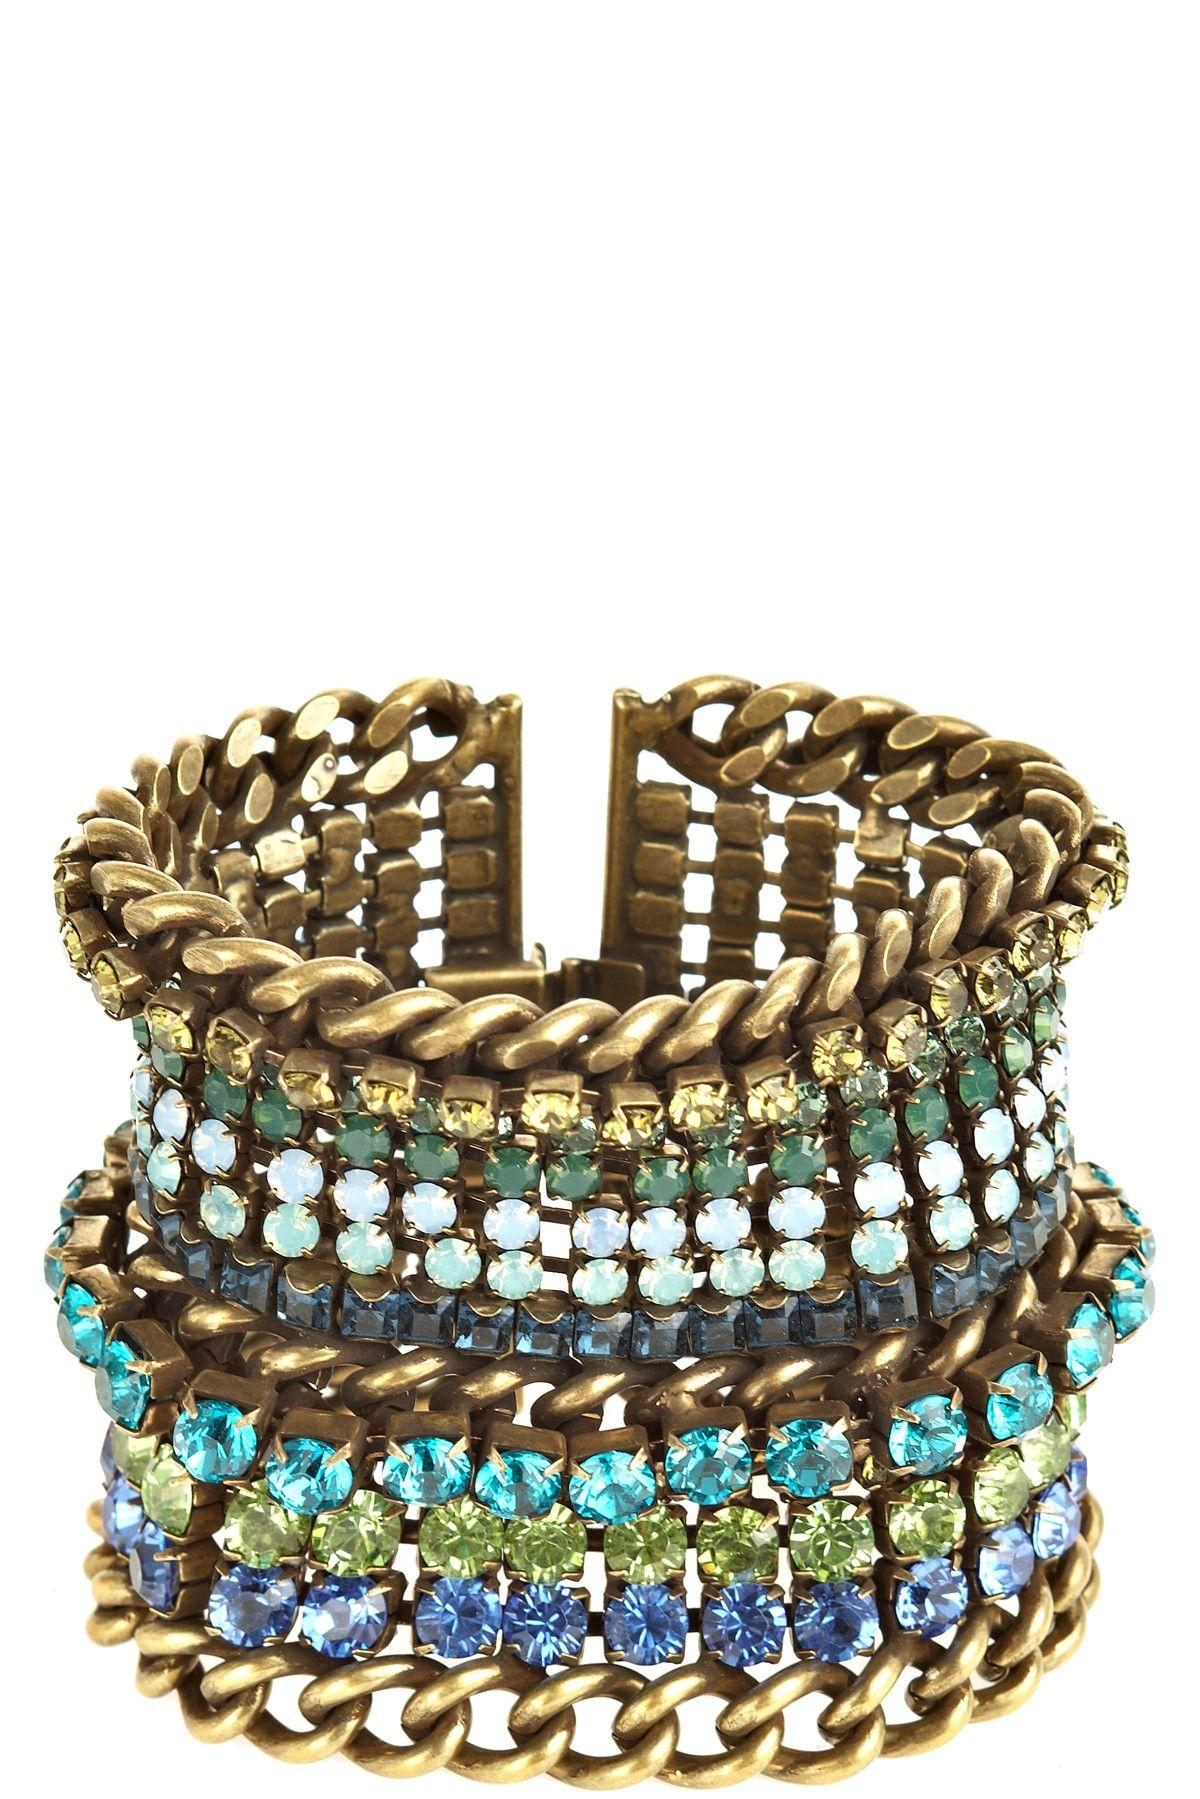 Tate bracelet calypso st barth my style pinterest bracelets